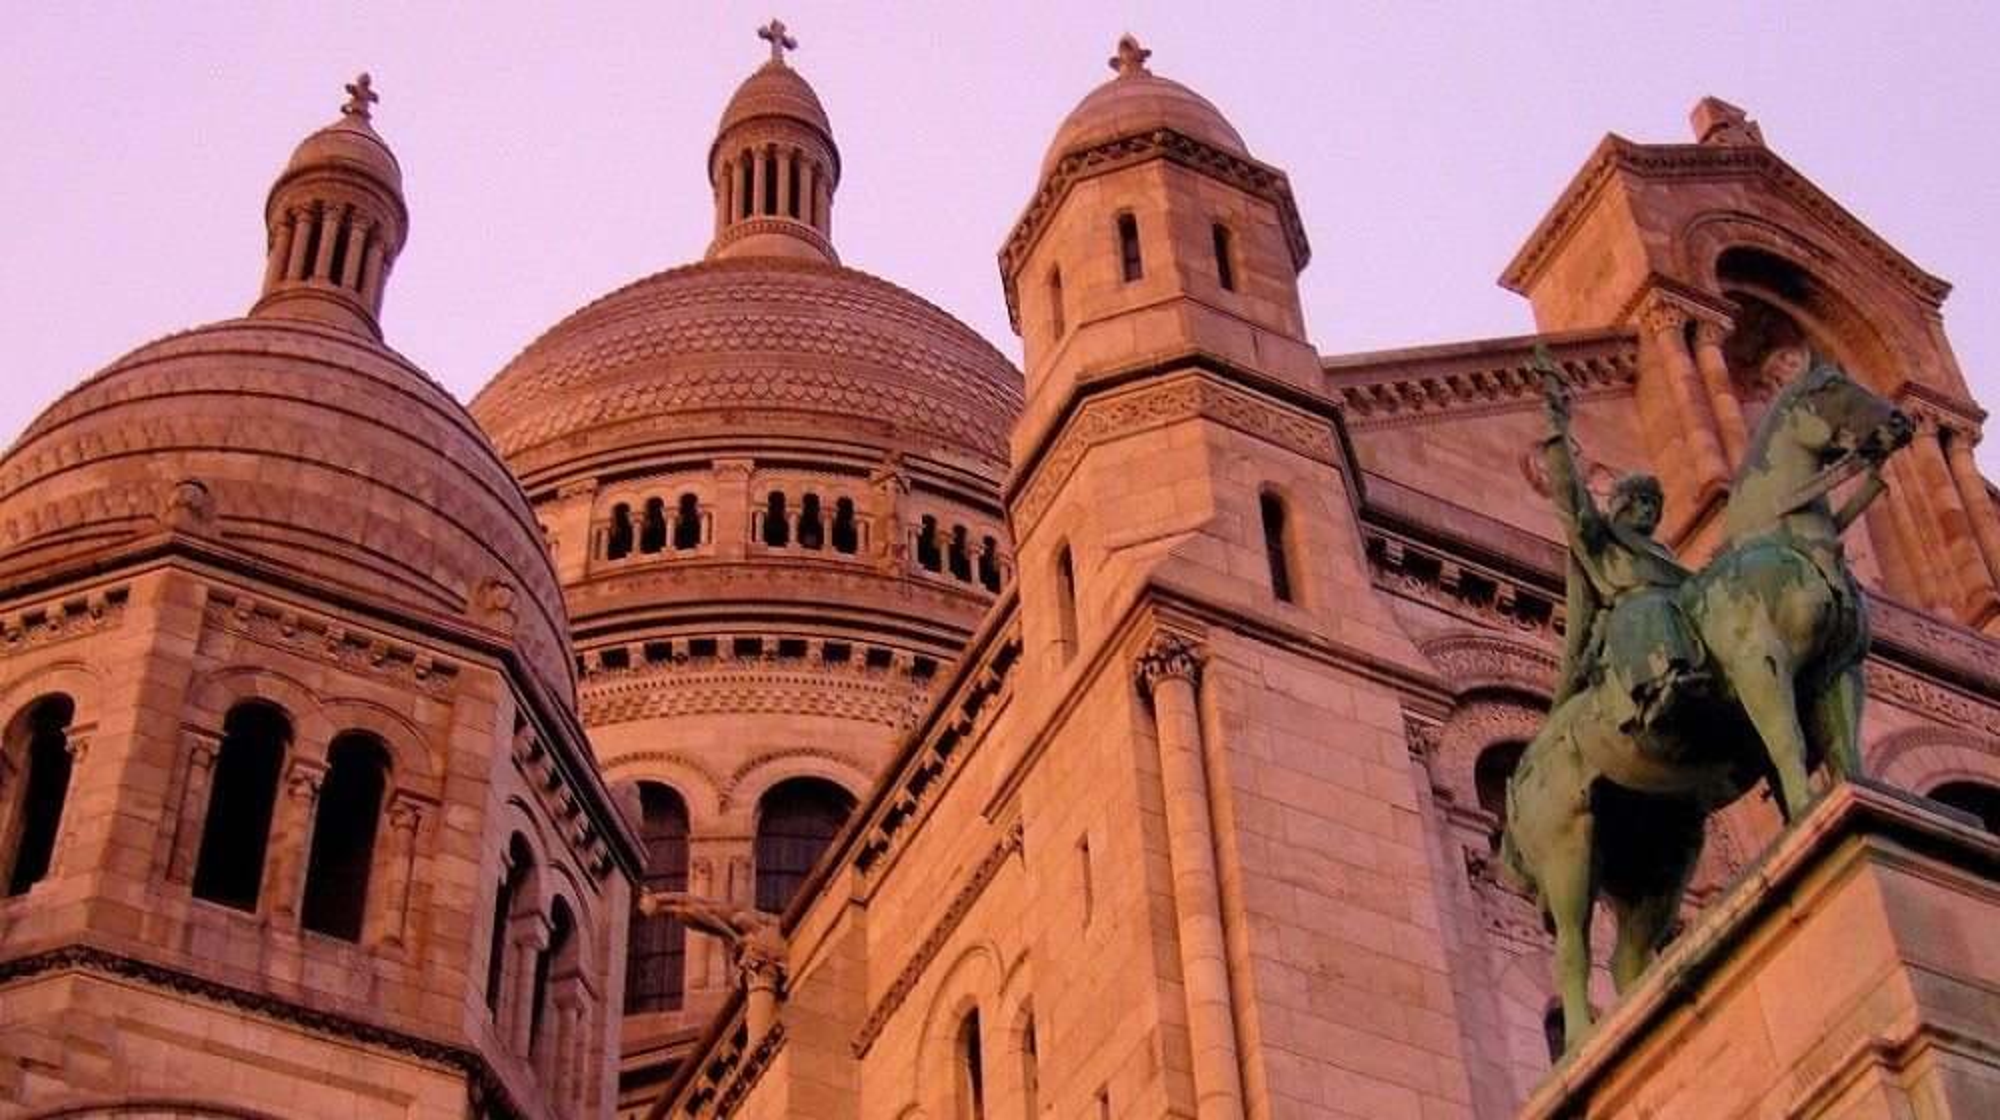 Visiter le dôme du Sacré-Cœur à Paris avec billet coupe-file